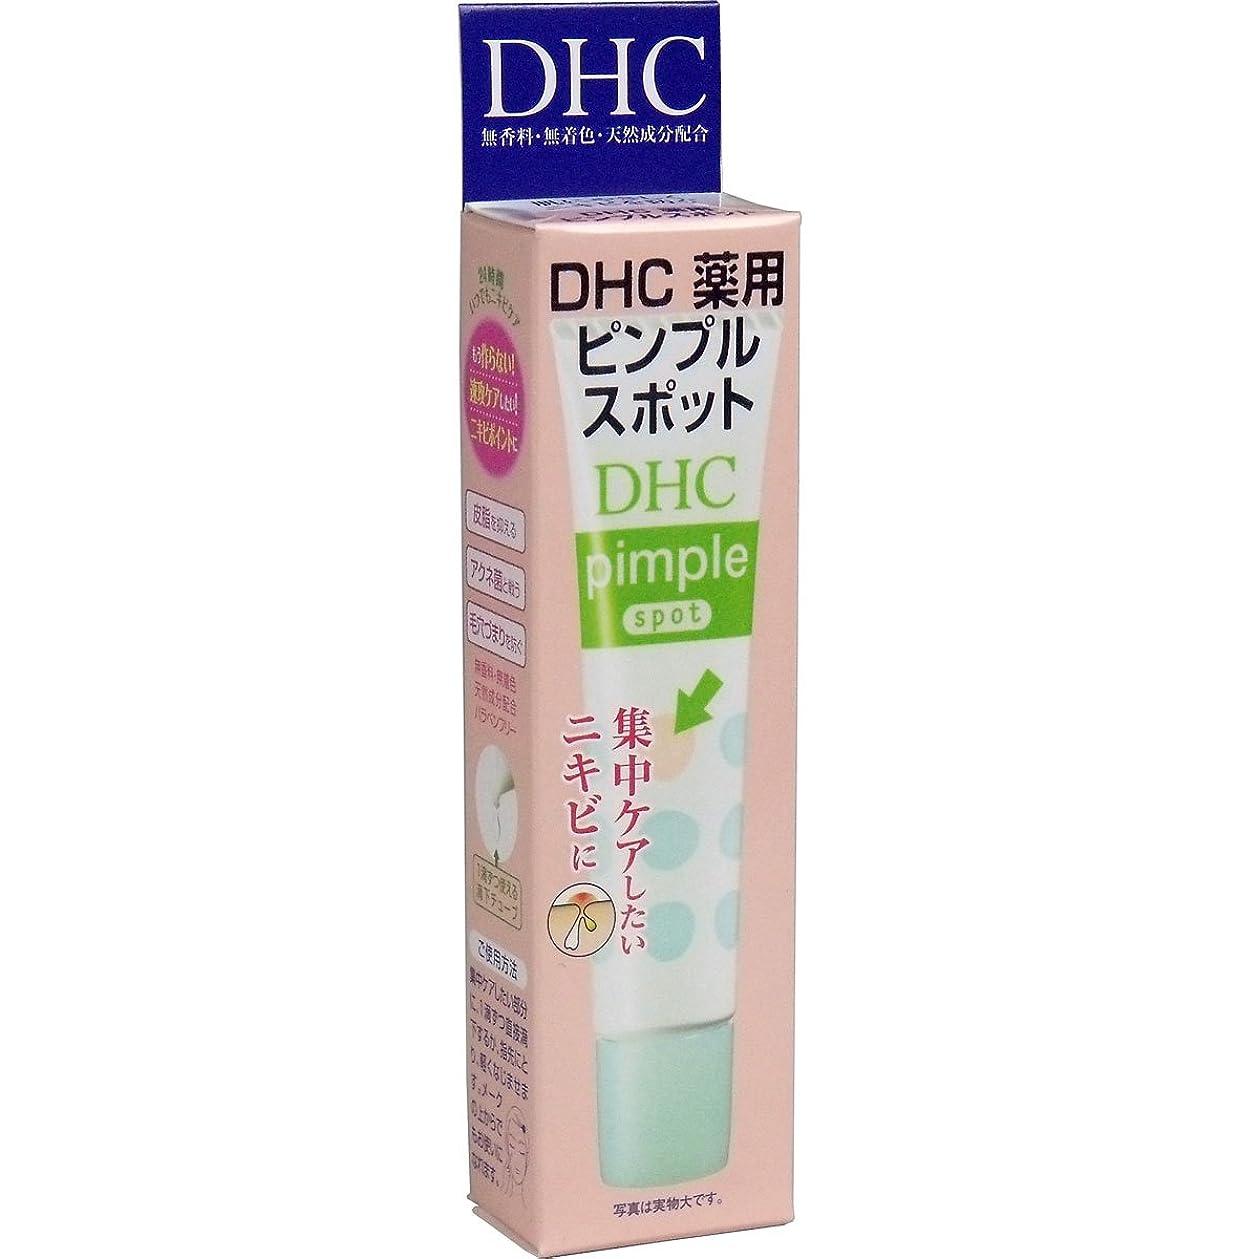 背景ハードウェア販売員【DHC】DHC 薬用ピンプルスポット 15ml ×20個セット